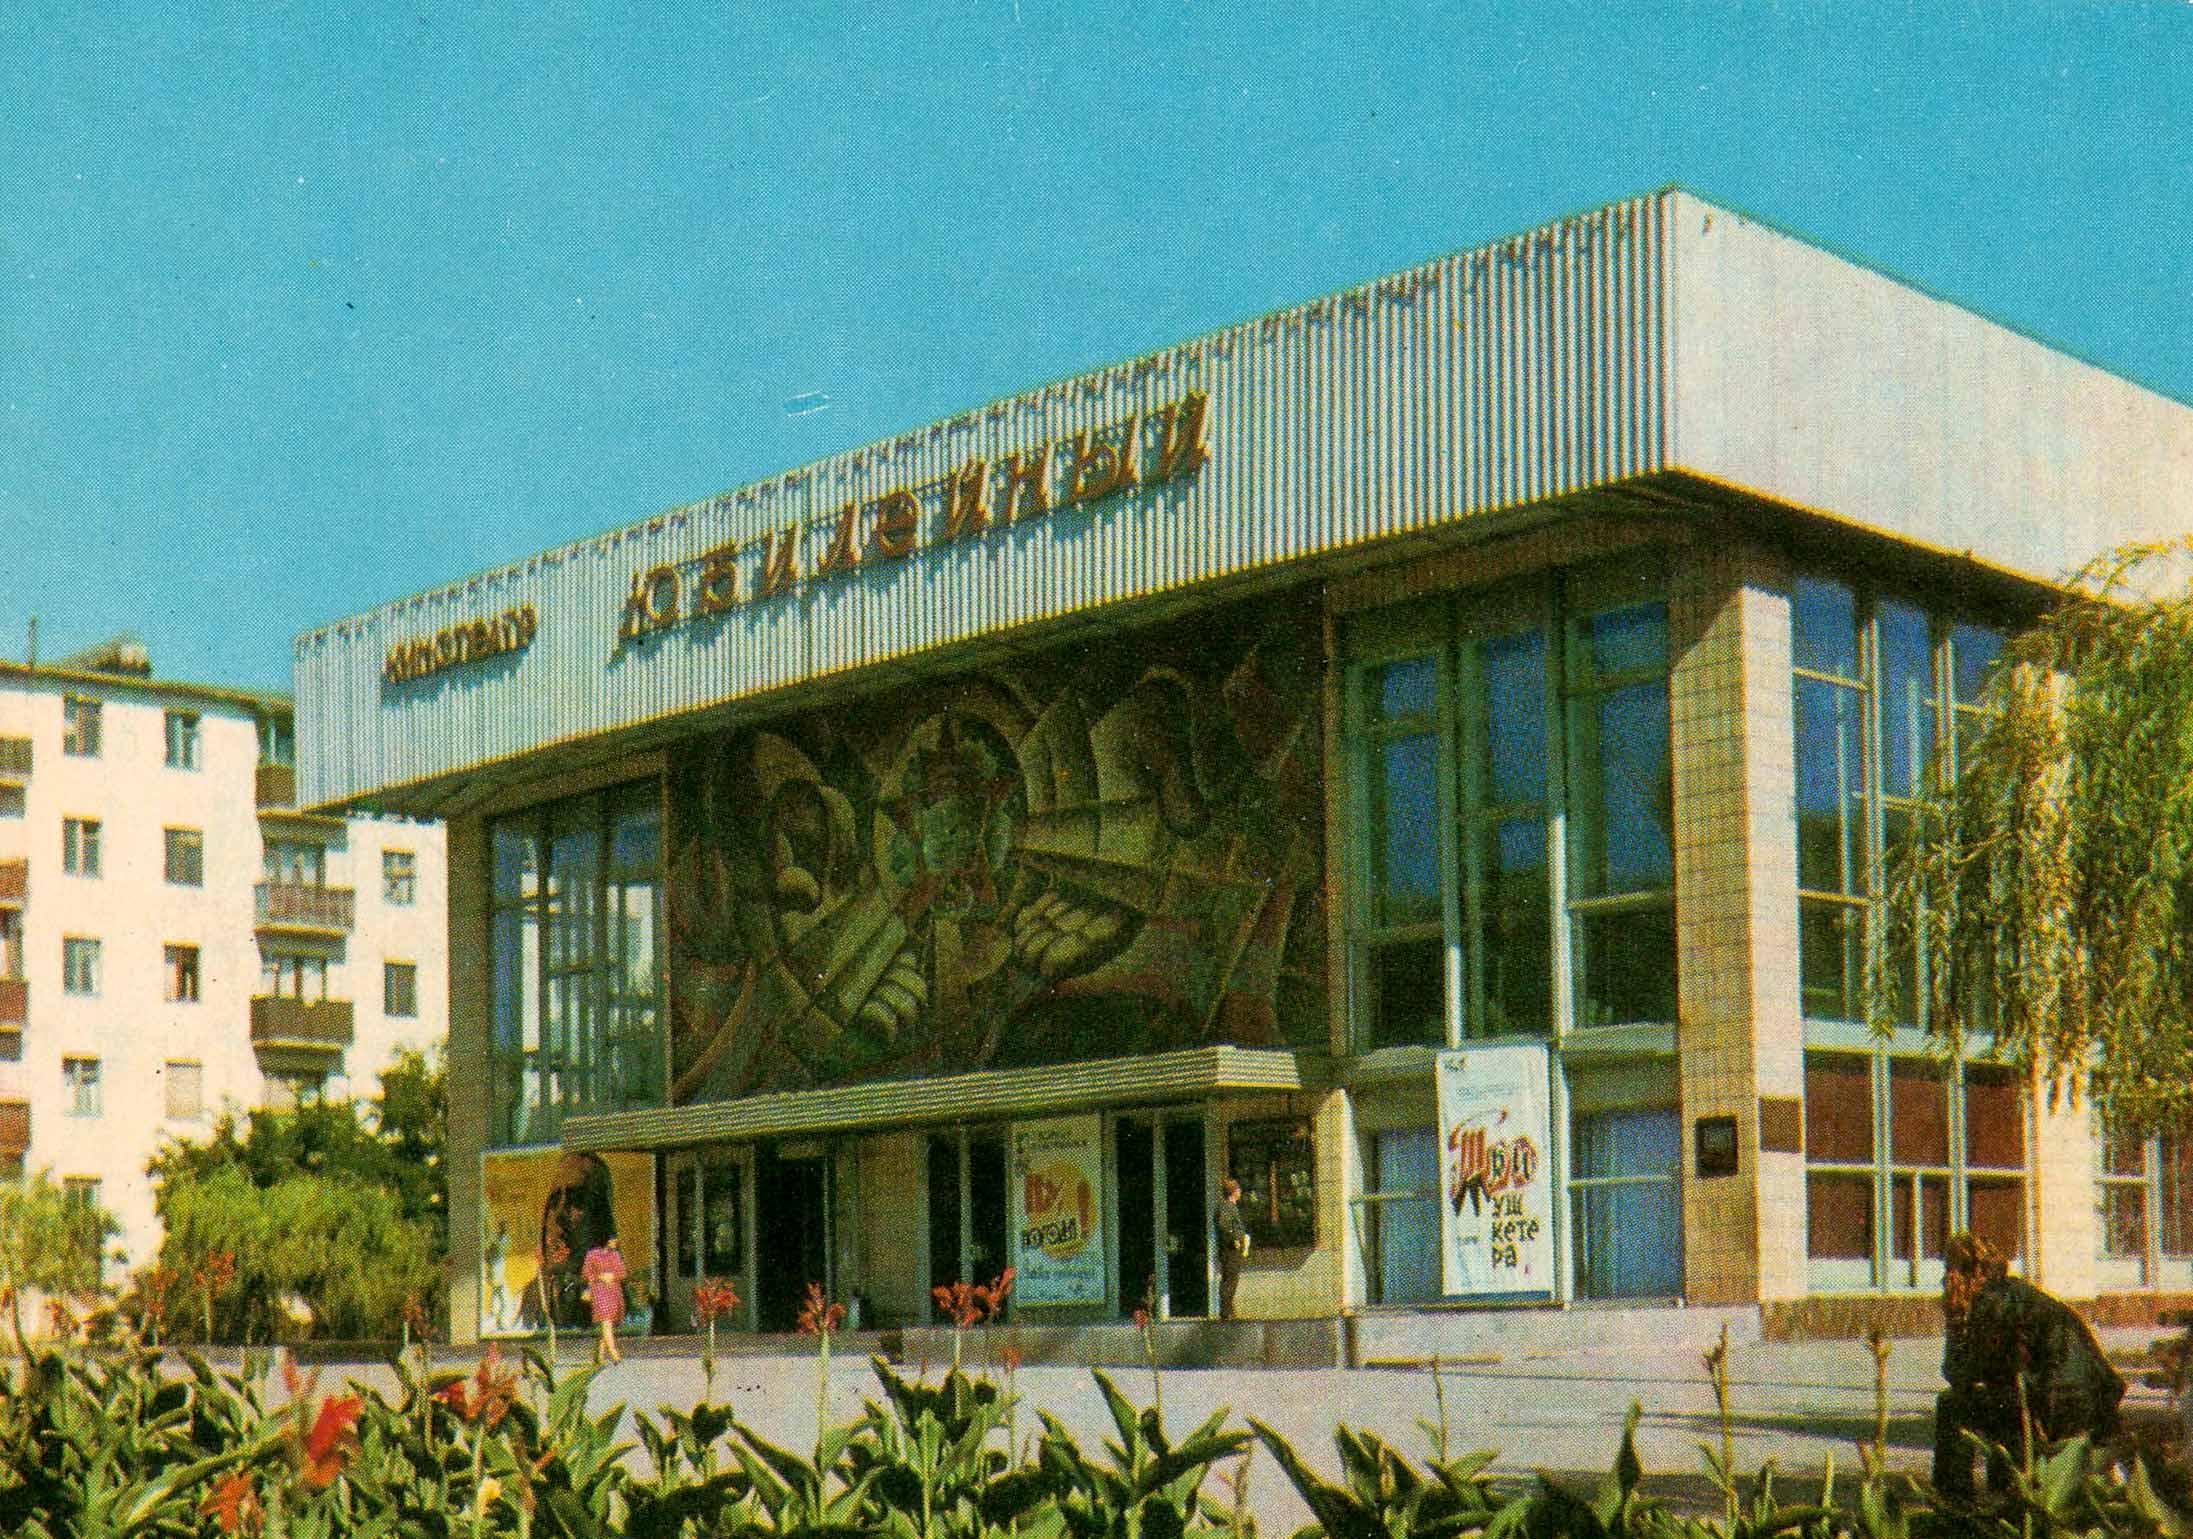 shyrochyn 19 - <b>Что вы знаете об архитектуре промышленных городов? Она прекрасна.</b> Вот как выглядят самые интересные здания Мариуполя - Заборона